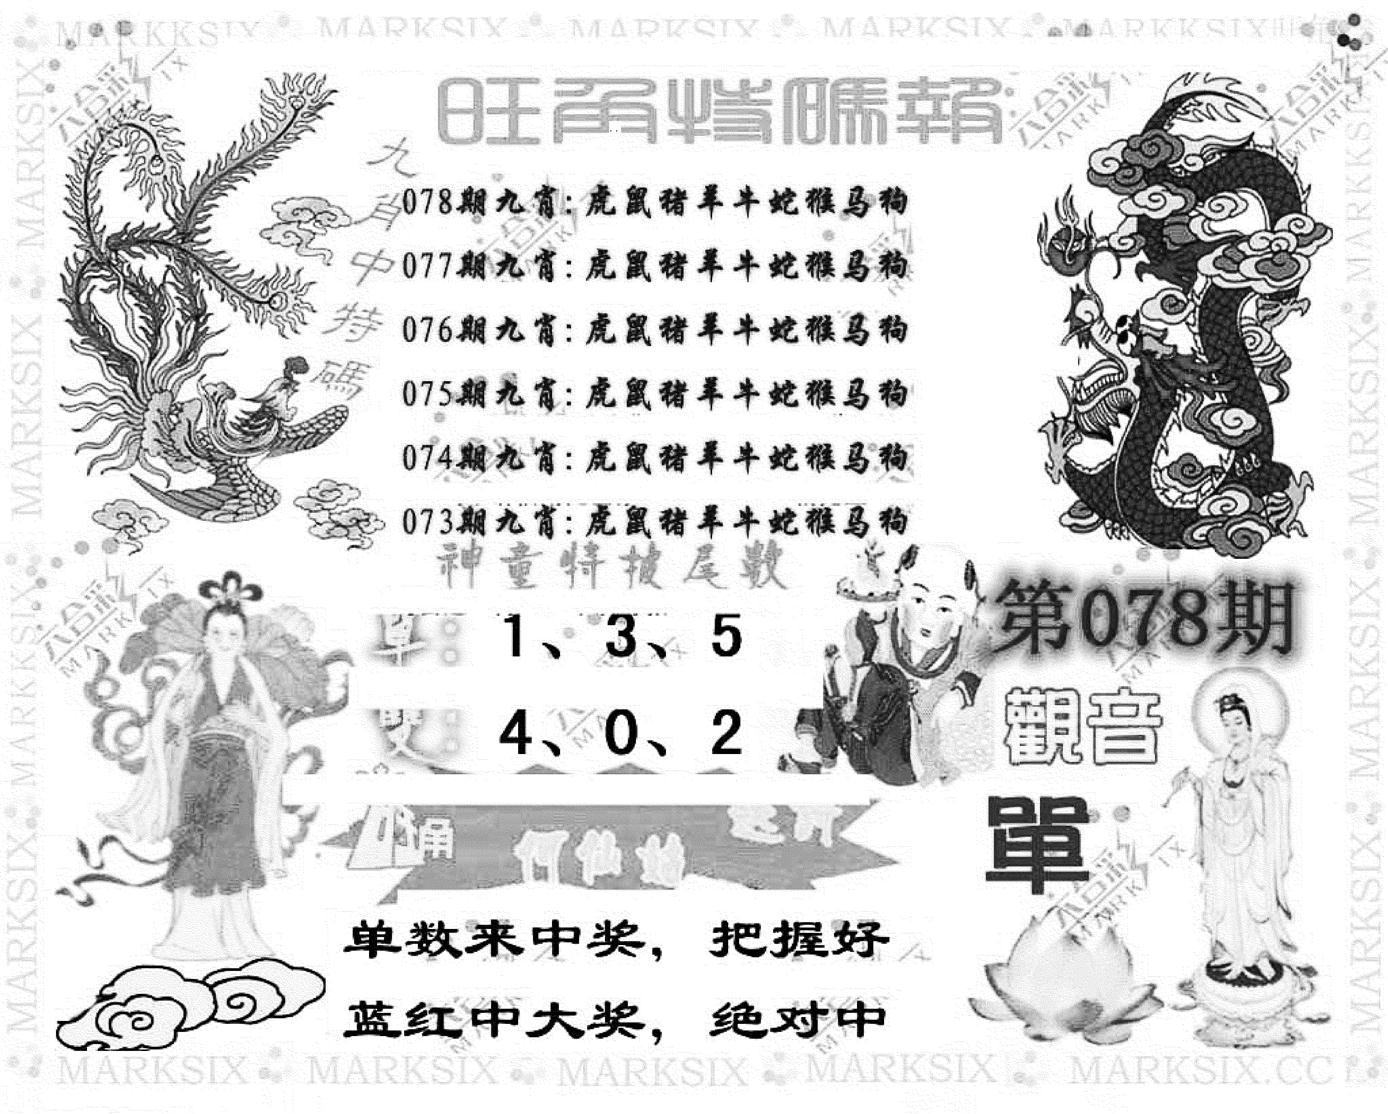 078期旺角特码报(彩)(黑白)